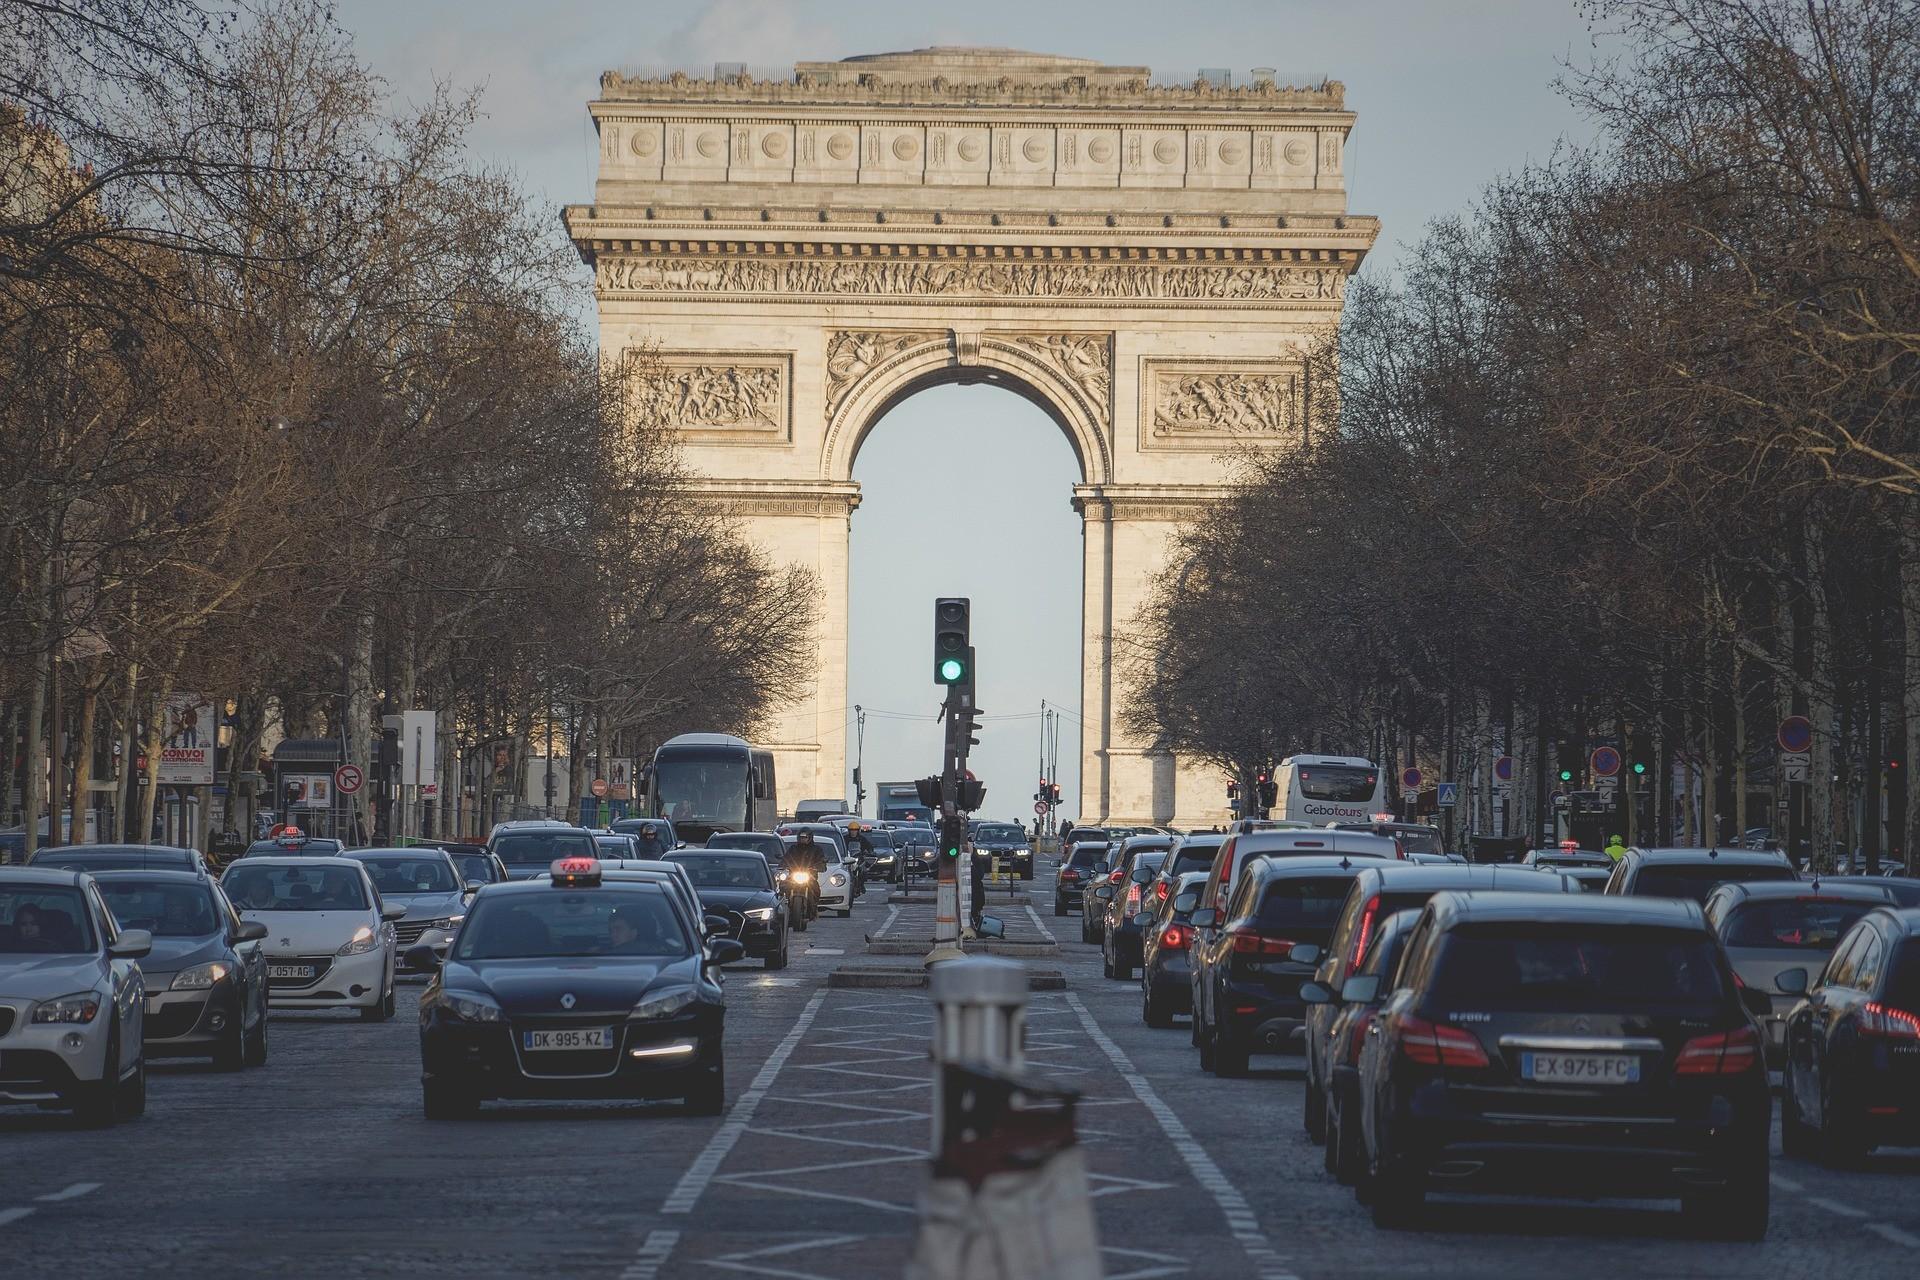 Суд над россиянином устроившим стрельбу в центре Парижа состоится 26 октября.